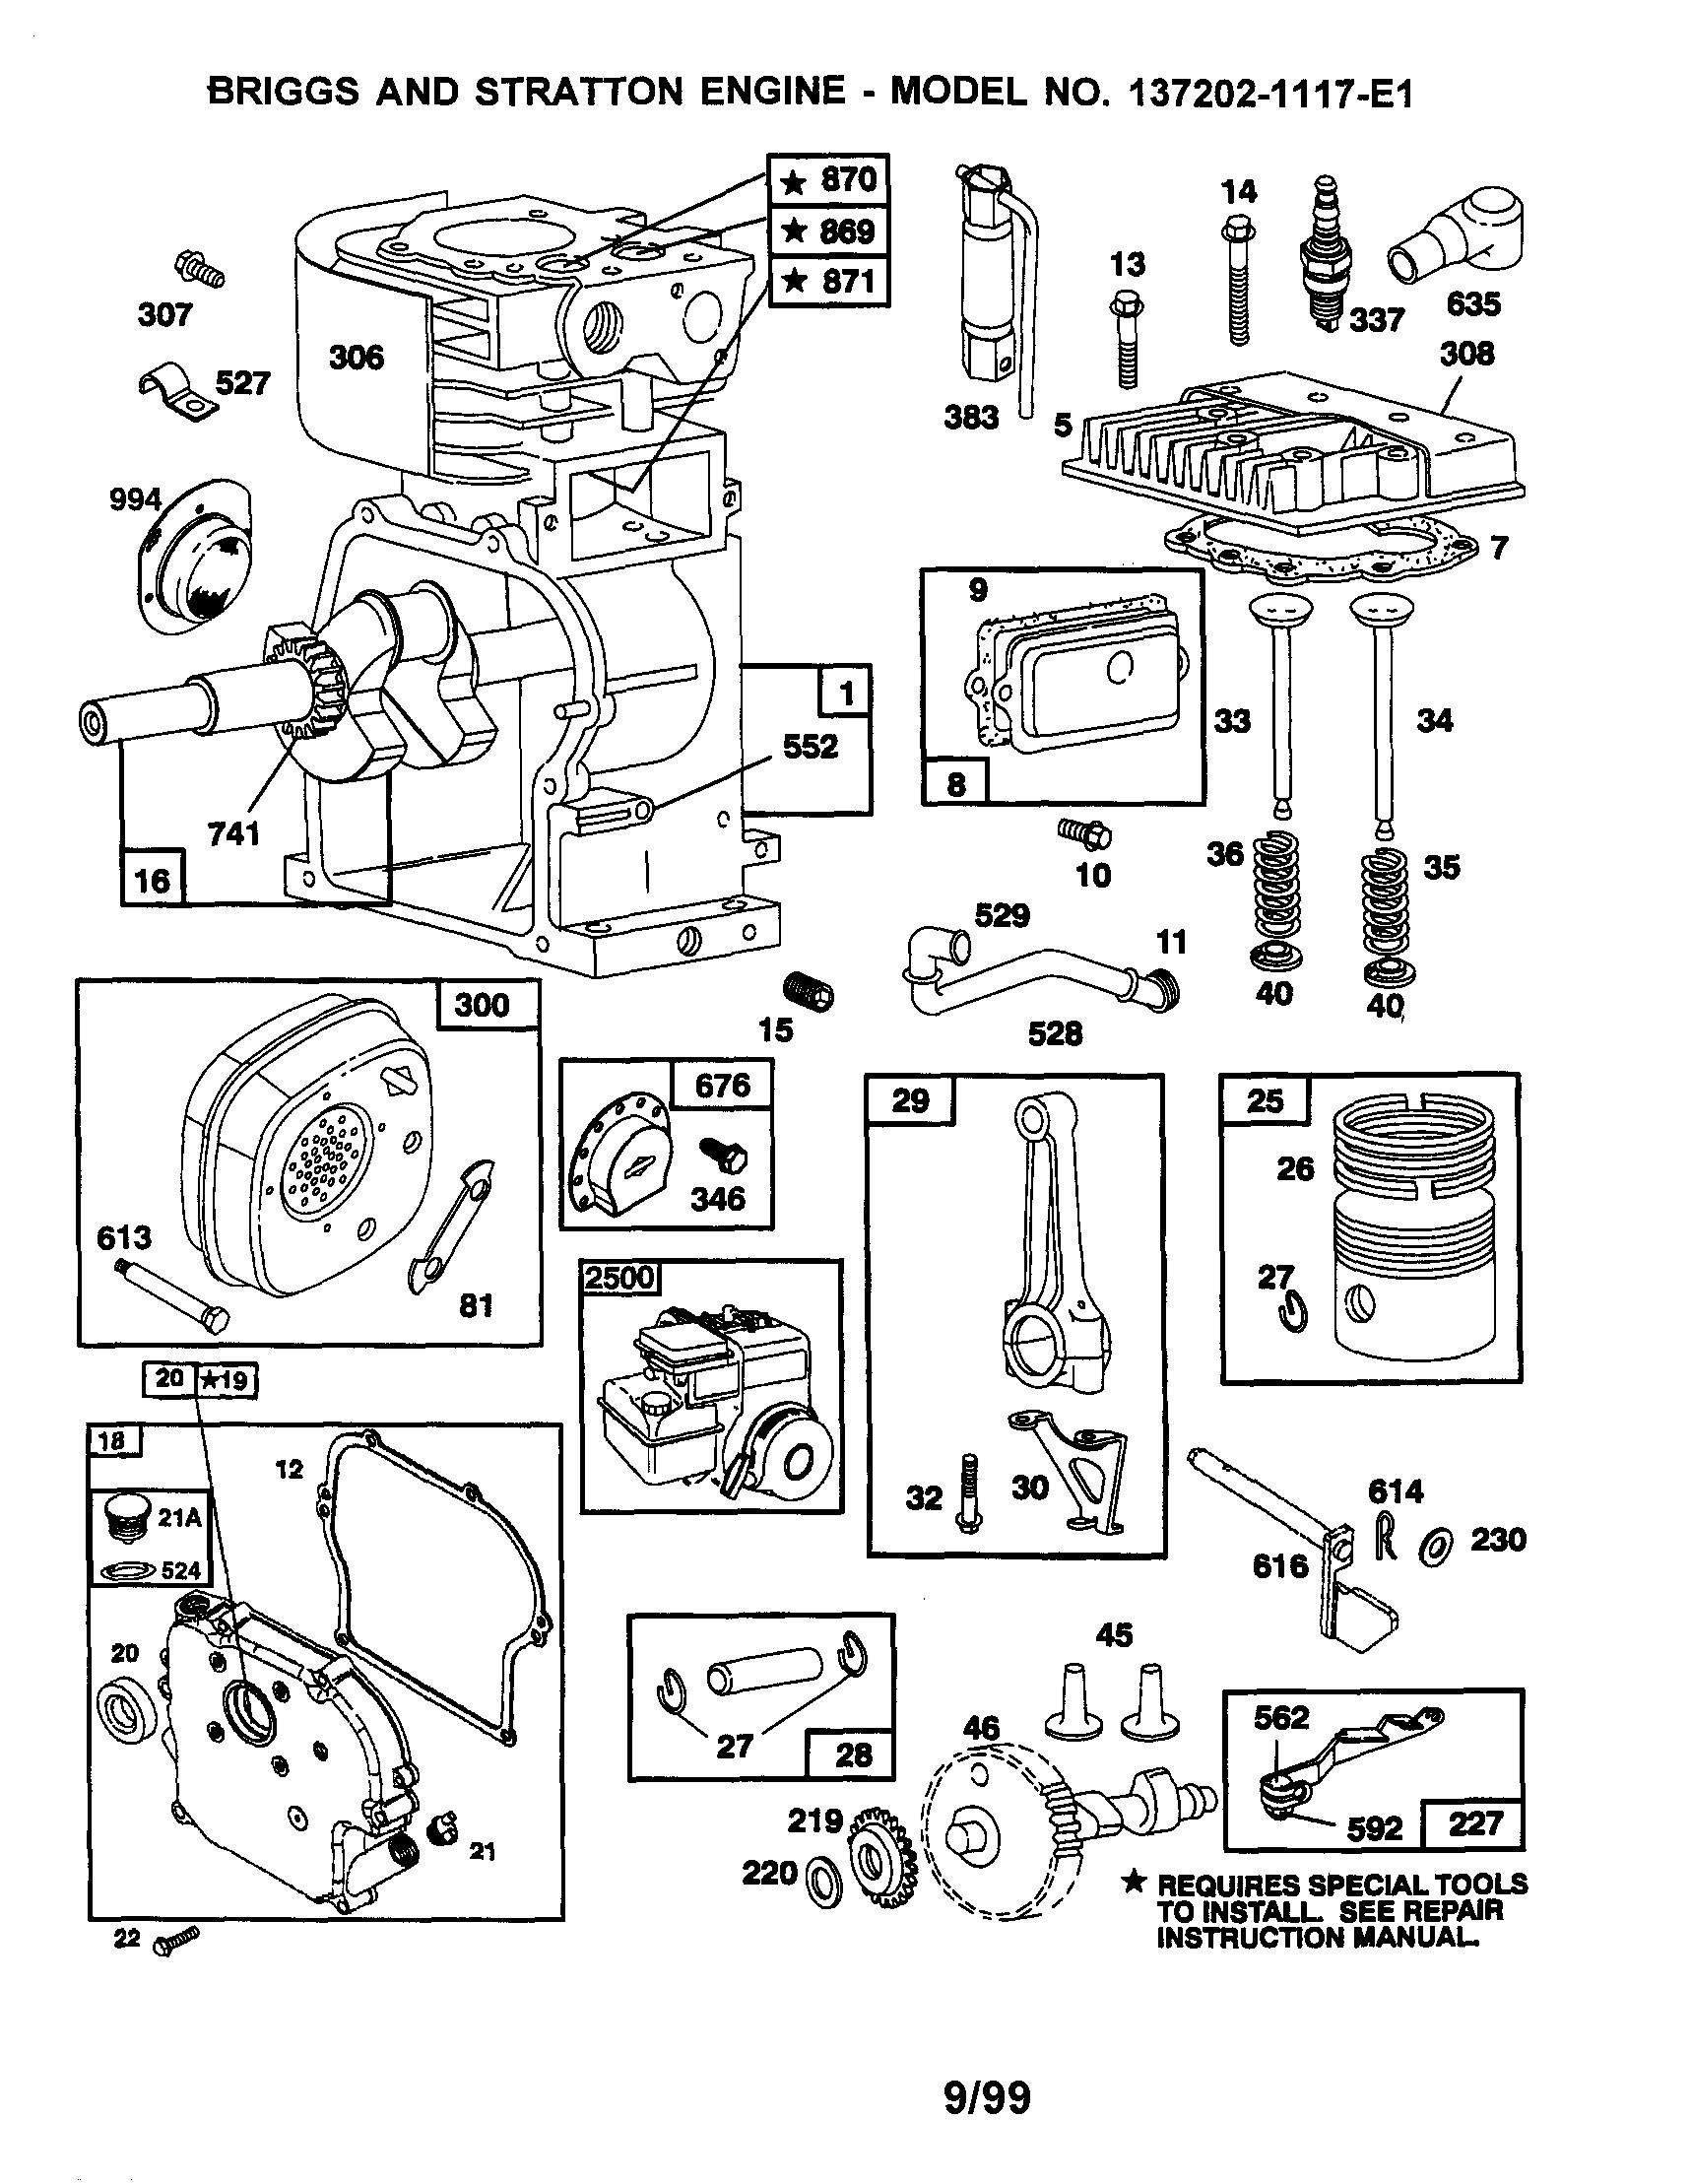 Briggs and Stratton 550ex Parts Diagram Briggs Stratton Model 1117 E1 Engine Genuine Parts Of Briggs and Stratton 550ex Parts Diagram